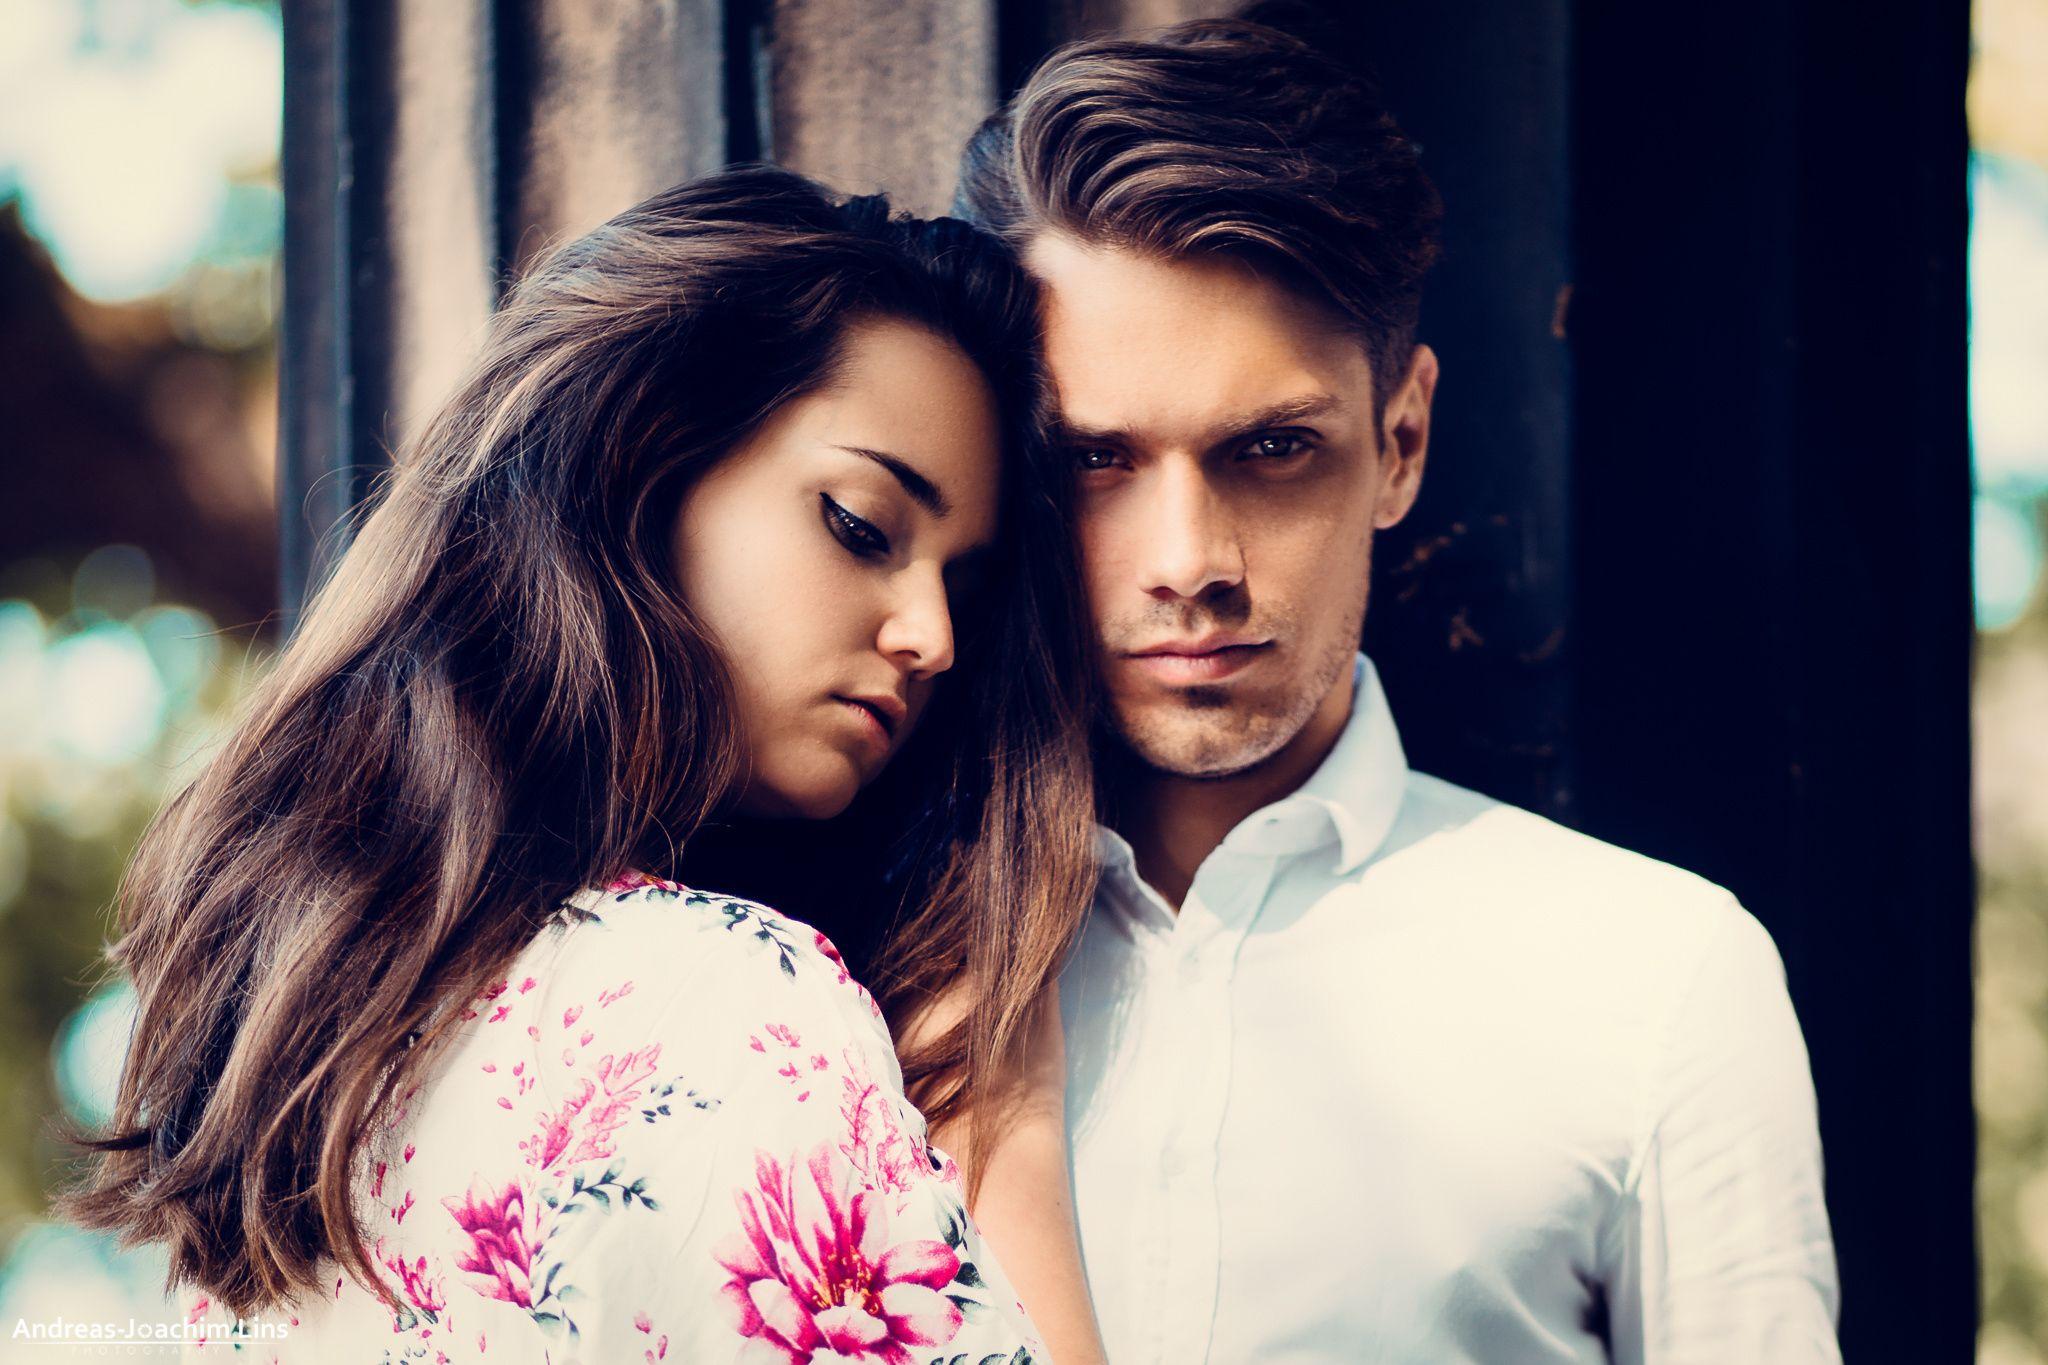 Le Male - Models: Lea Carina // Lorenzo Pombo Wulfes